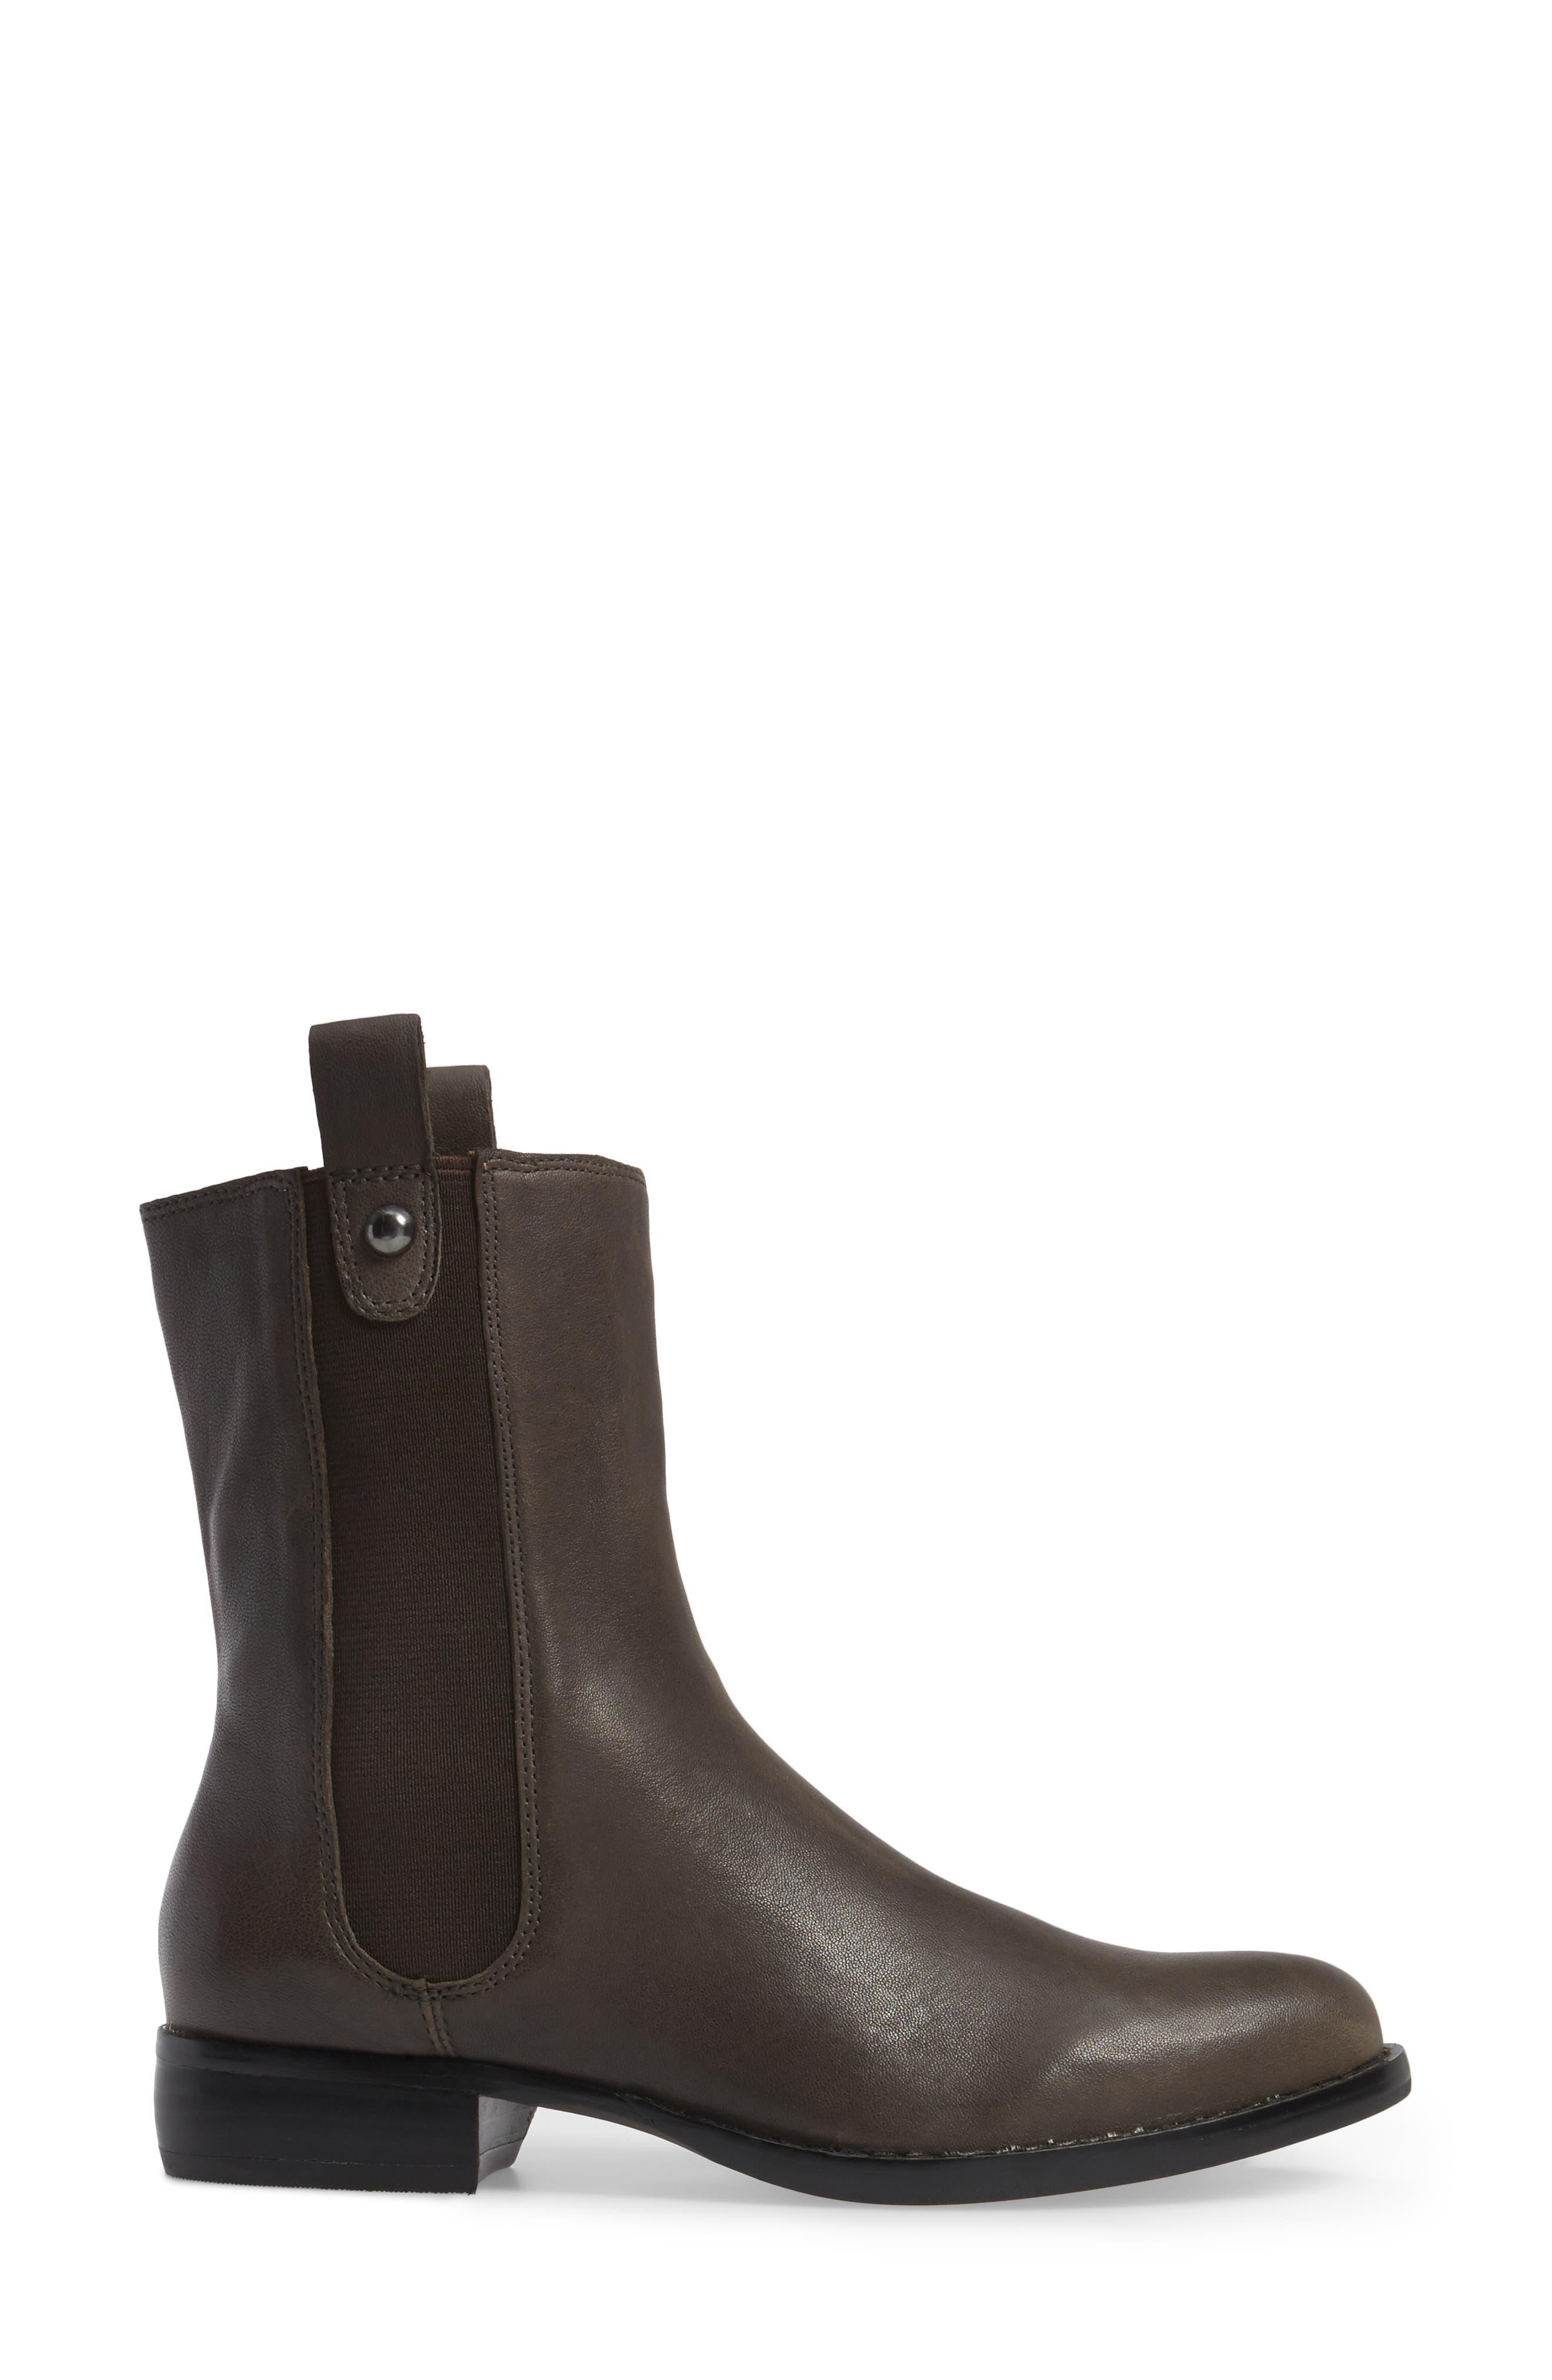 CC Corso Como Armando Boot,                             Alternate thumbnail 3, color,                             Dark Grey Leather